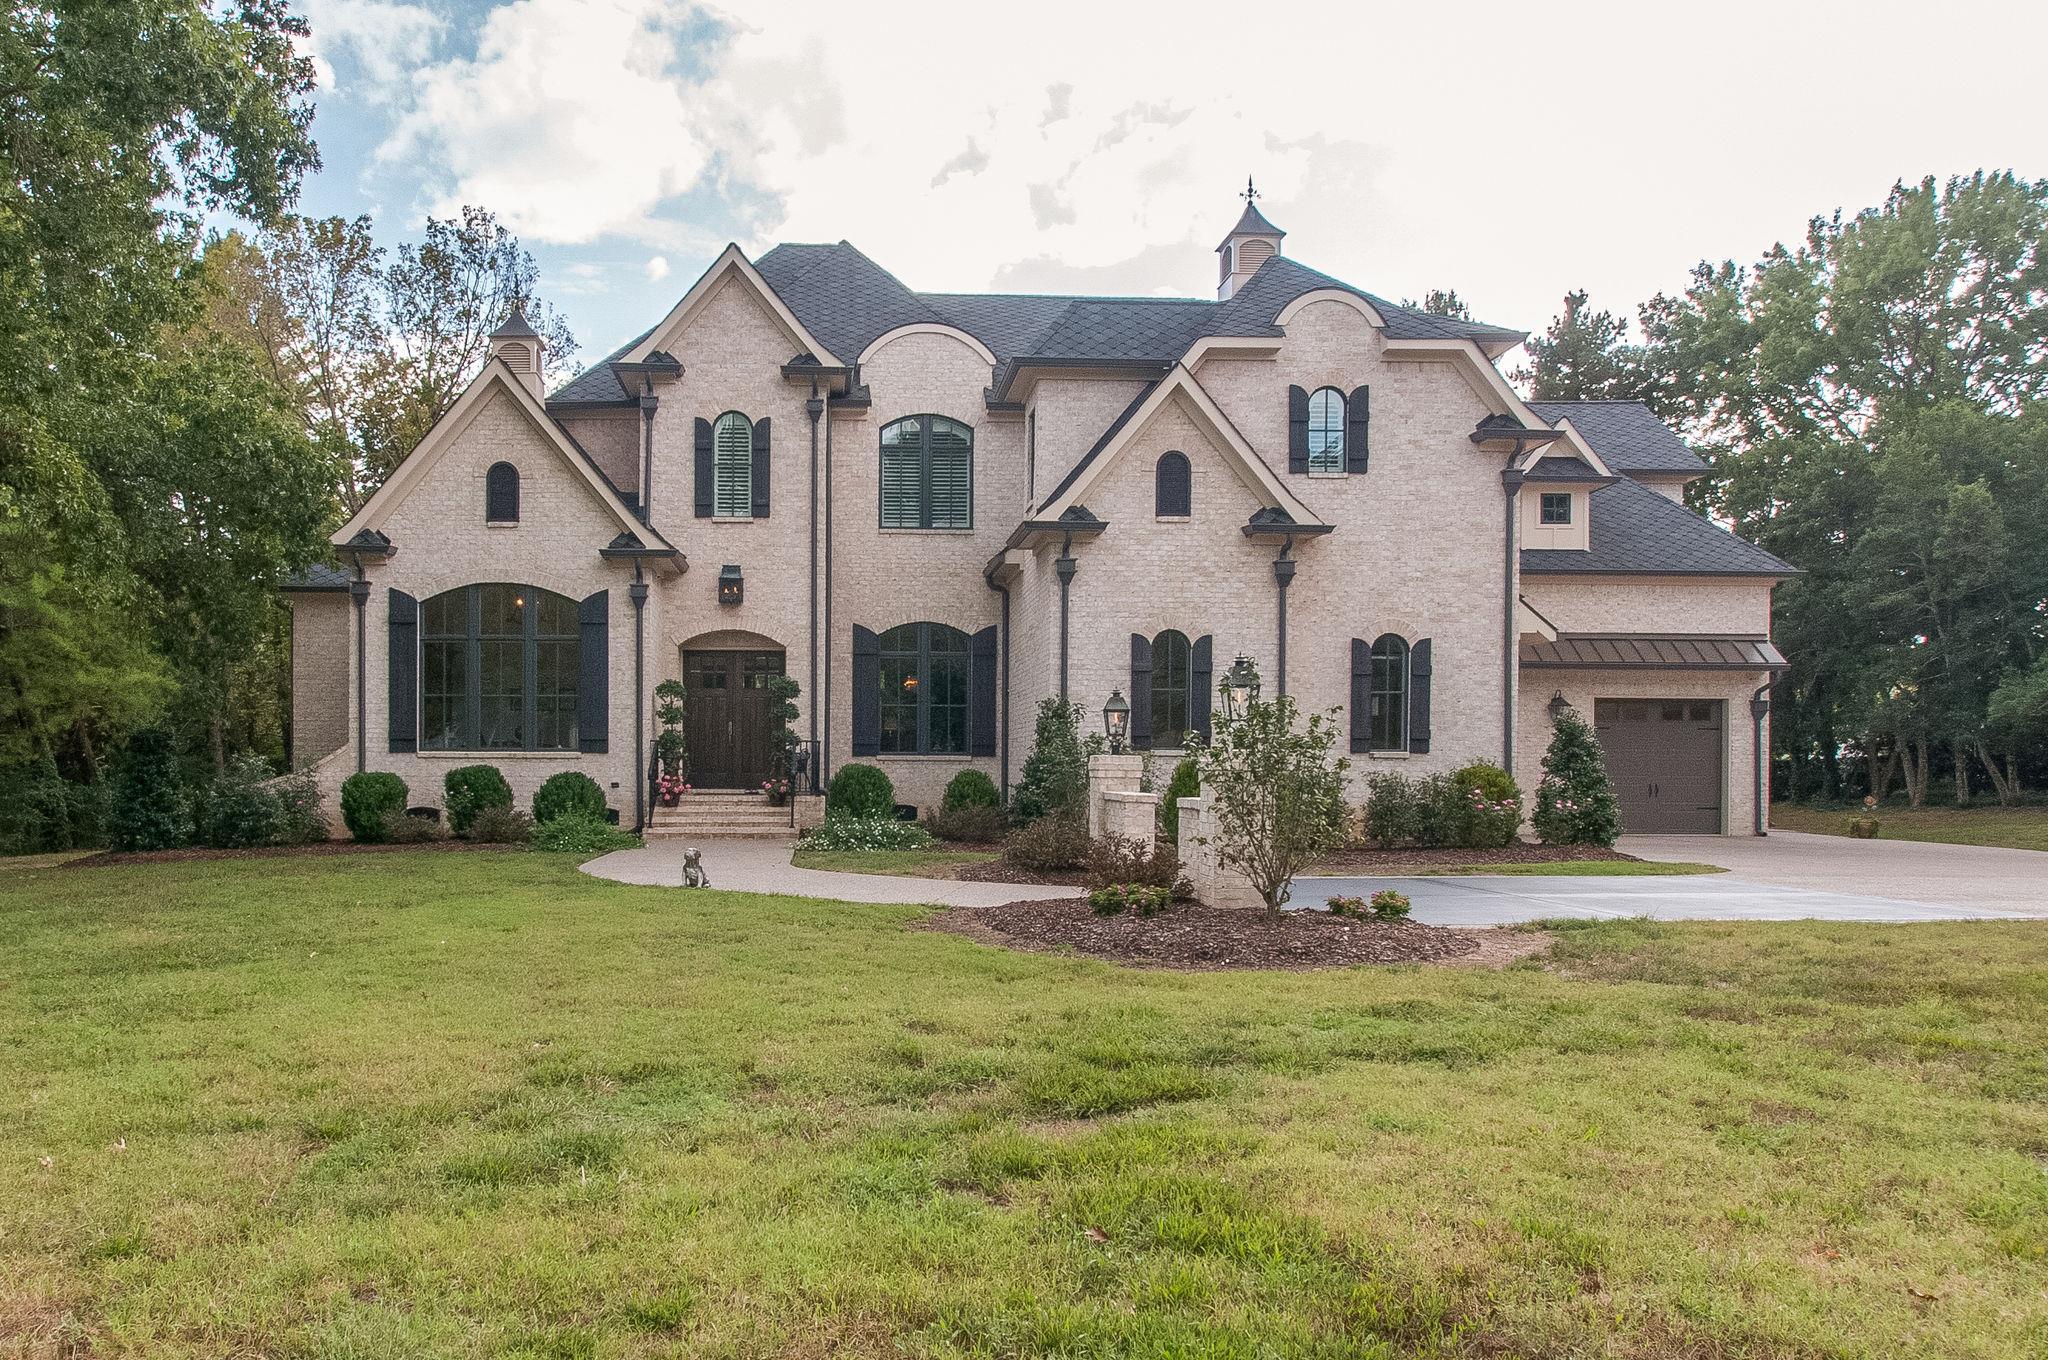 6529 Radcliff Dr, Nashville, TN 37221 - Nashville, TN real estate listing